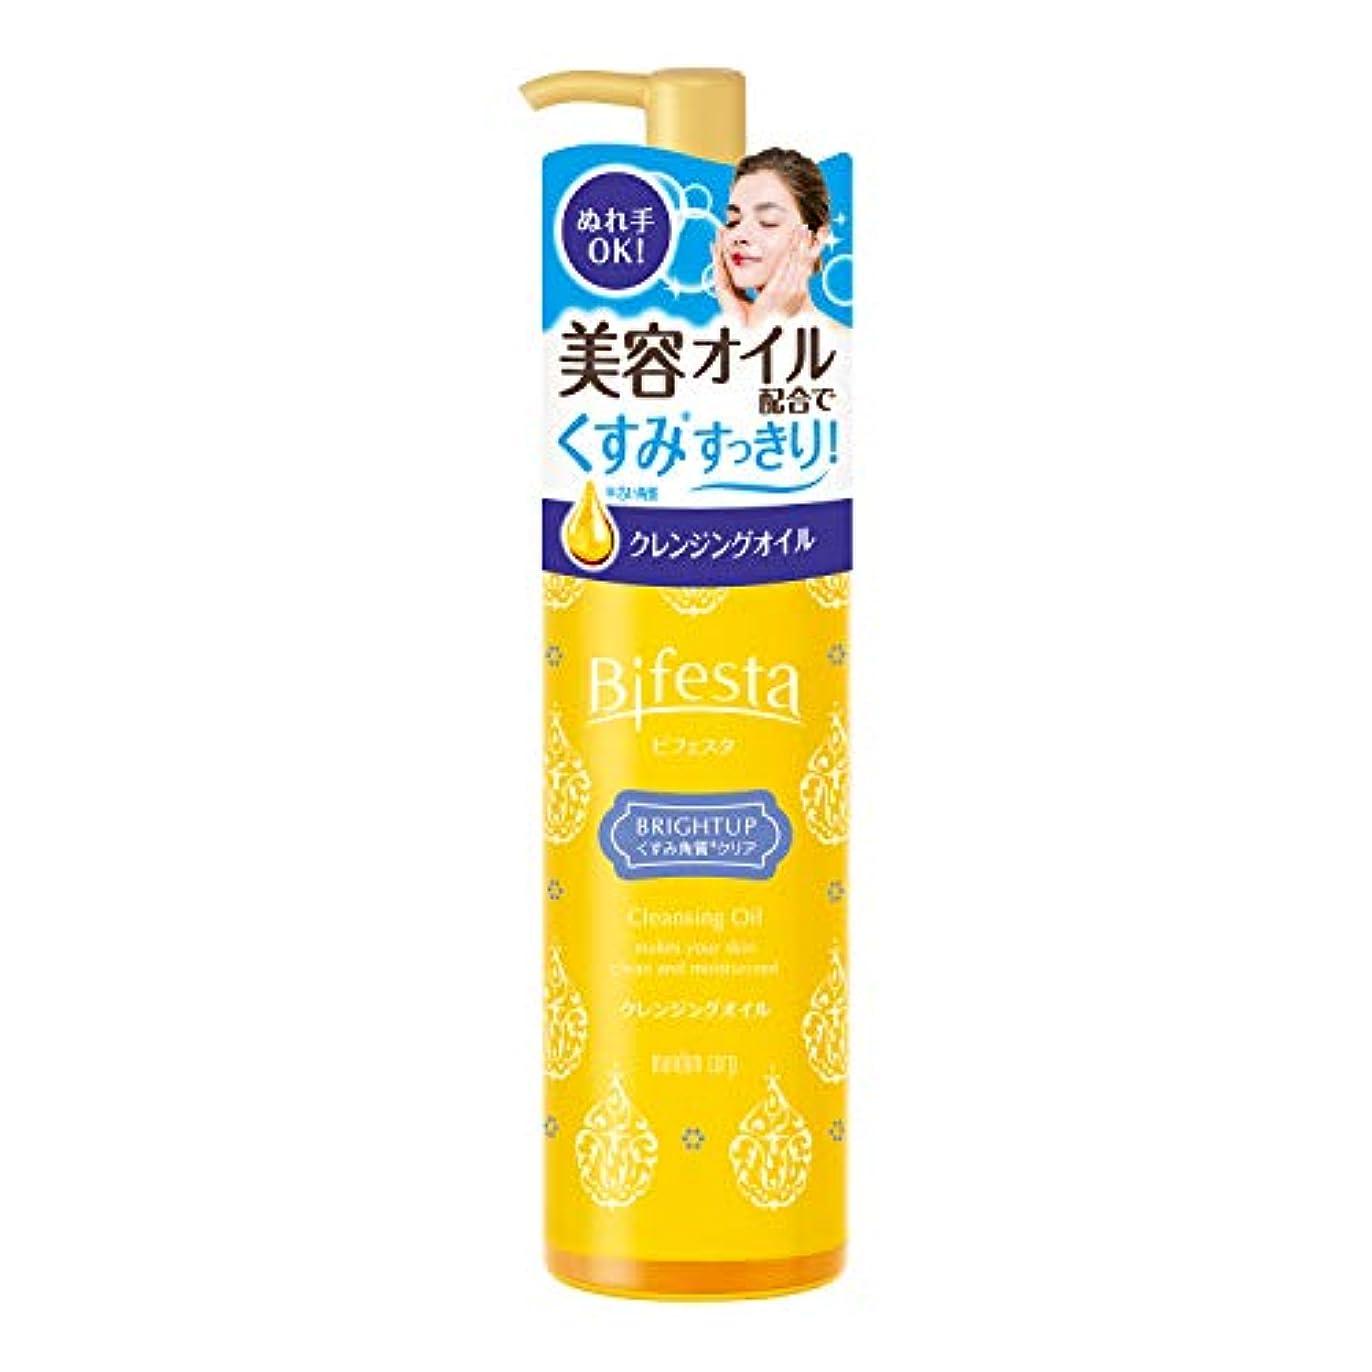 優越チーズ成熟Bifesta(ビフェスタ) クレンジングオイル ブライトアップ 230mL